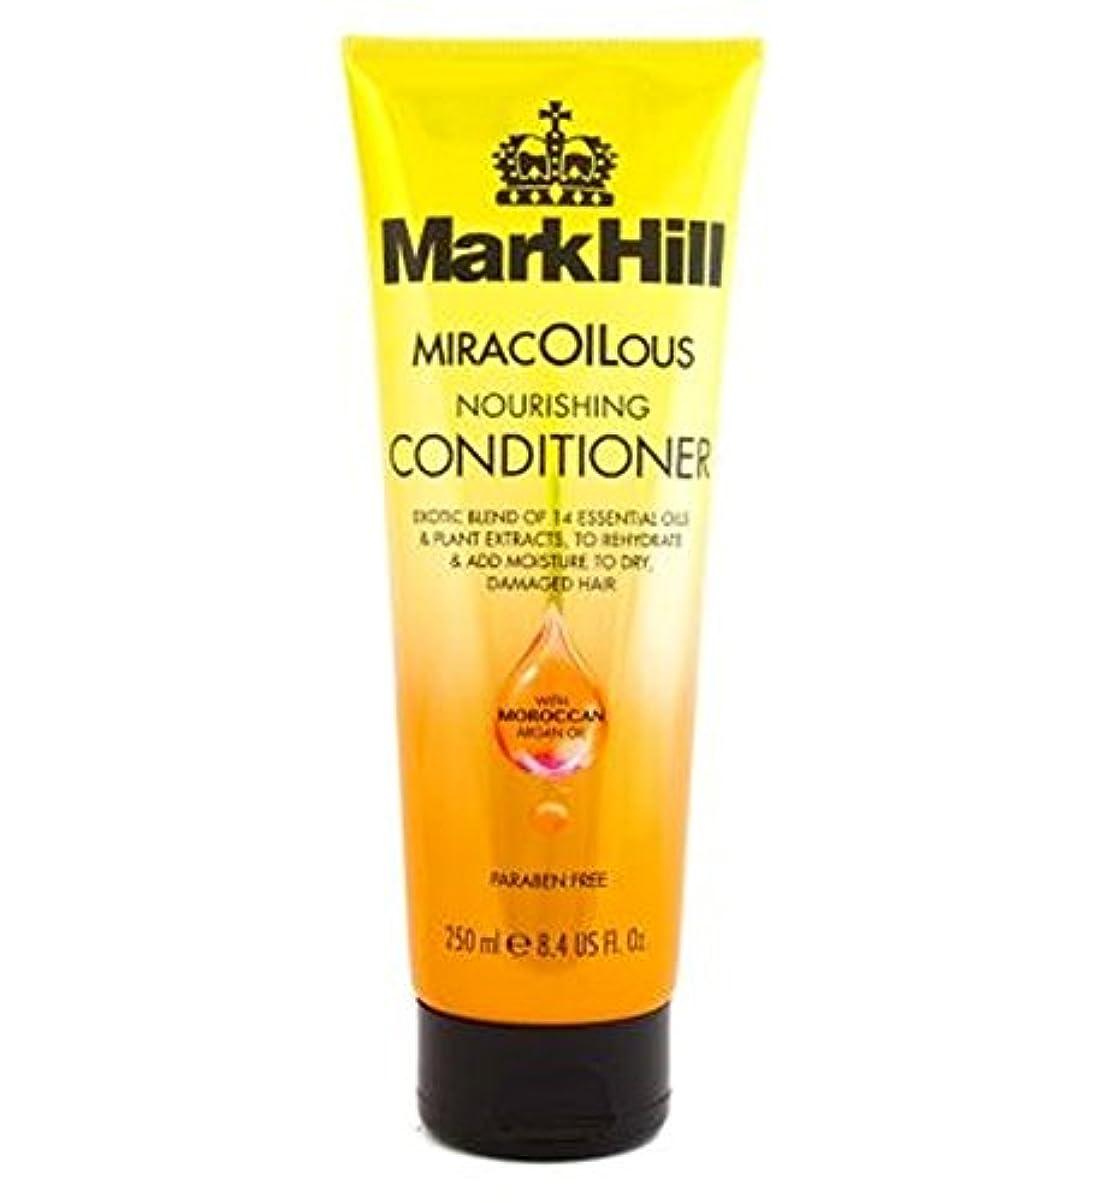 ナース丘よろめくMark Hill MiracOILicious Conditioner 250ml - マーク丘Miracoiliciousコンディショナー250Ml (Mark Hill) [並行輸入品]